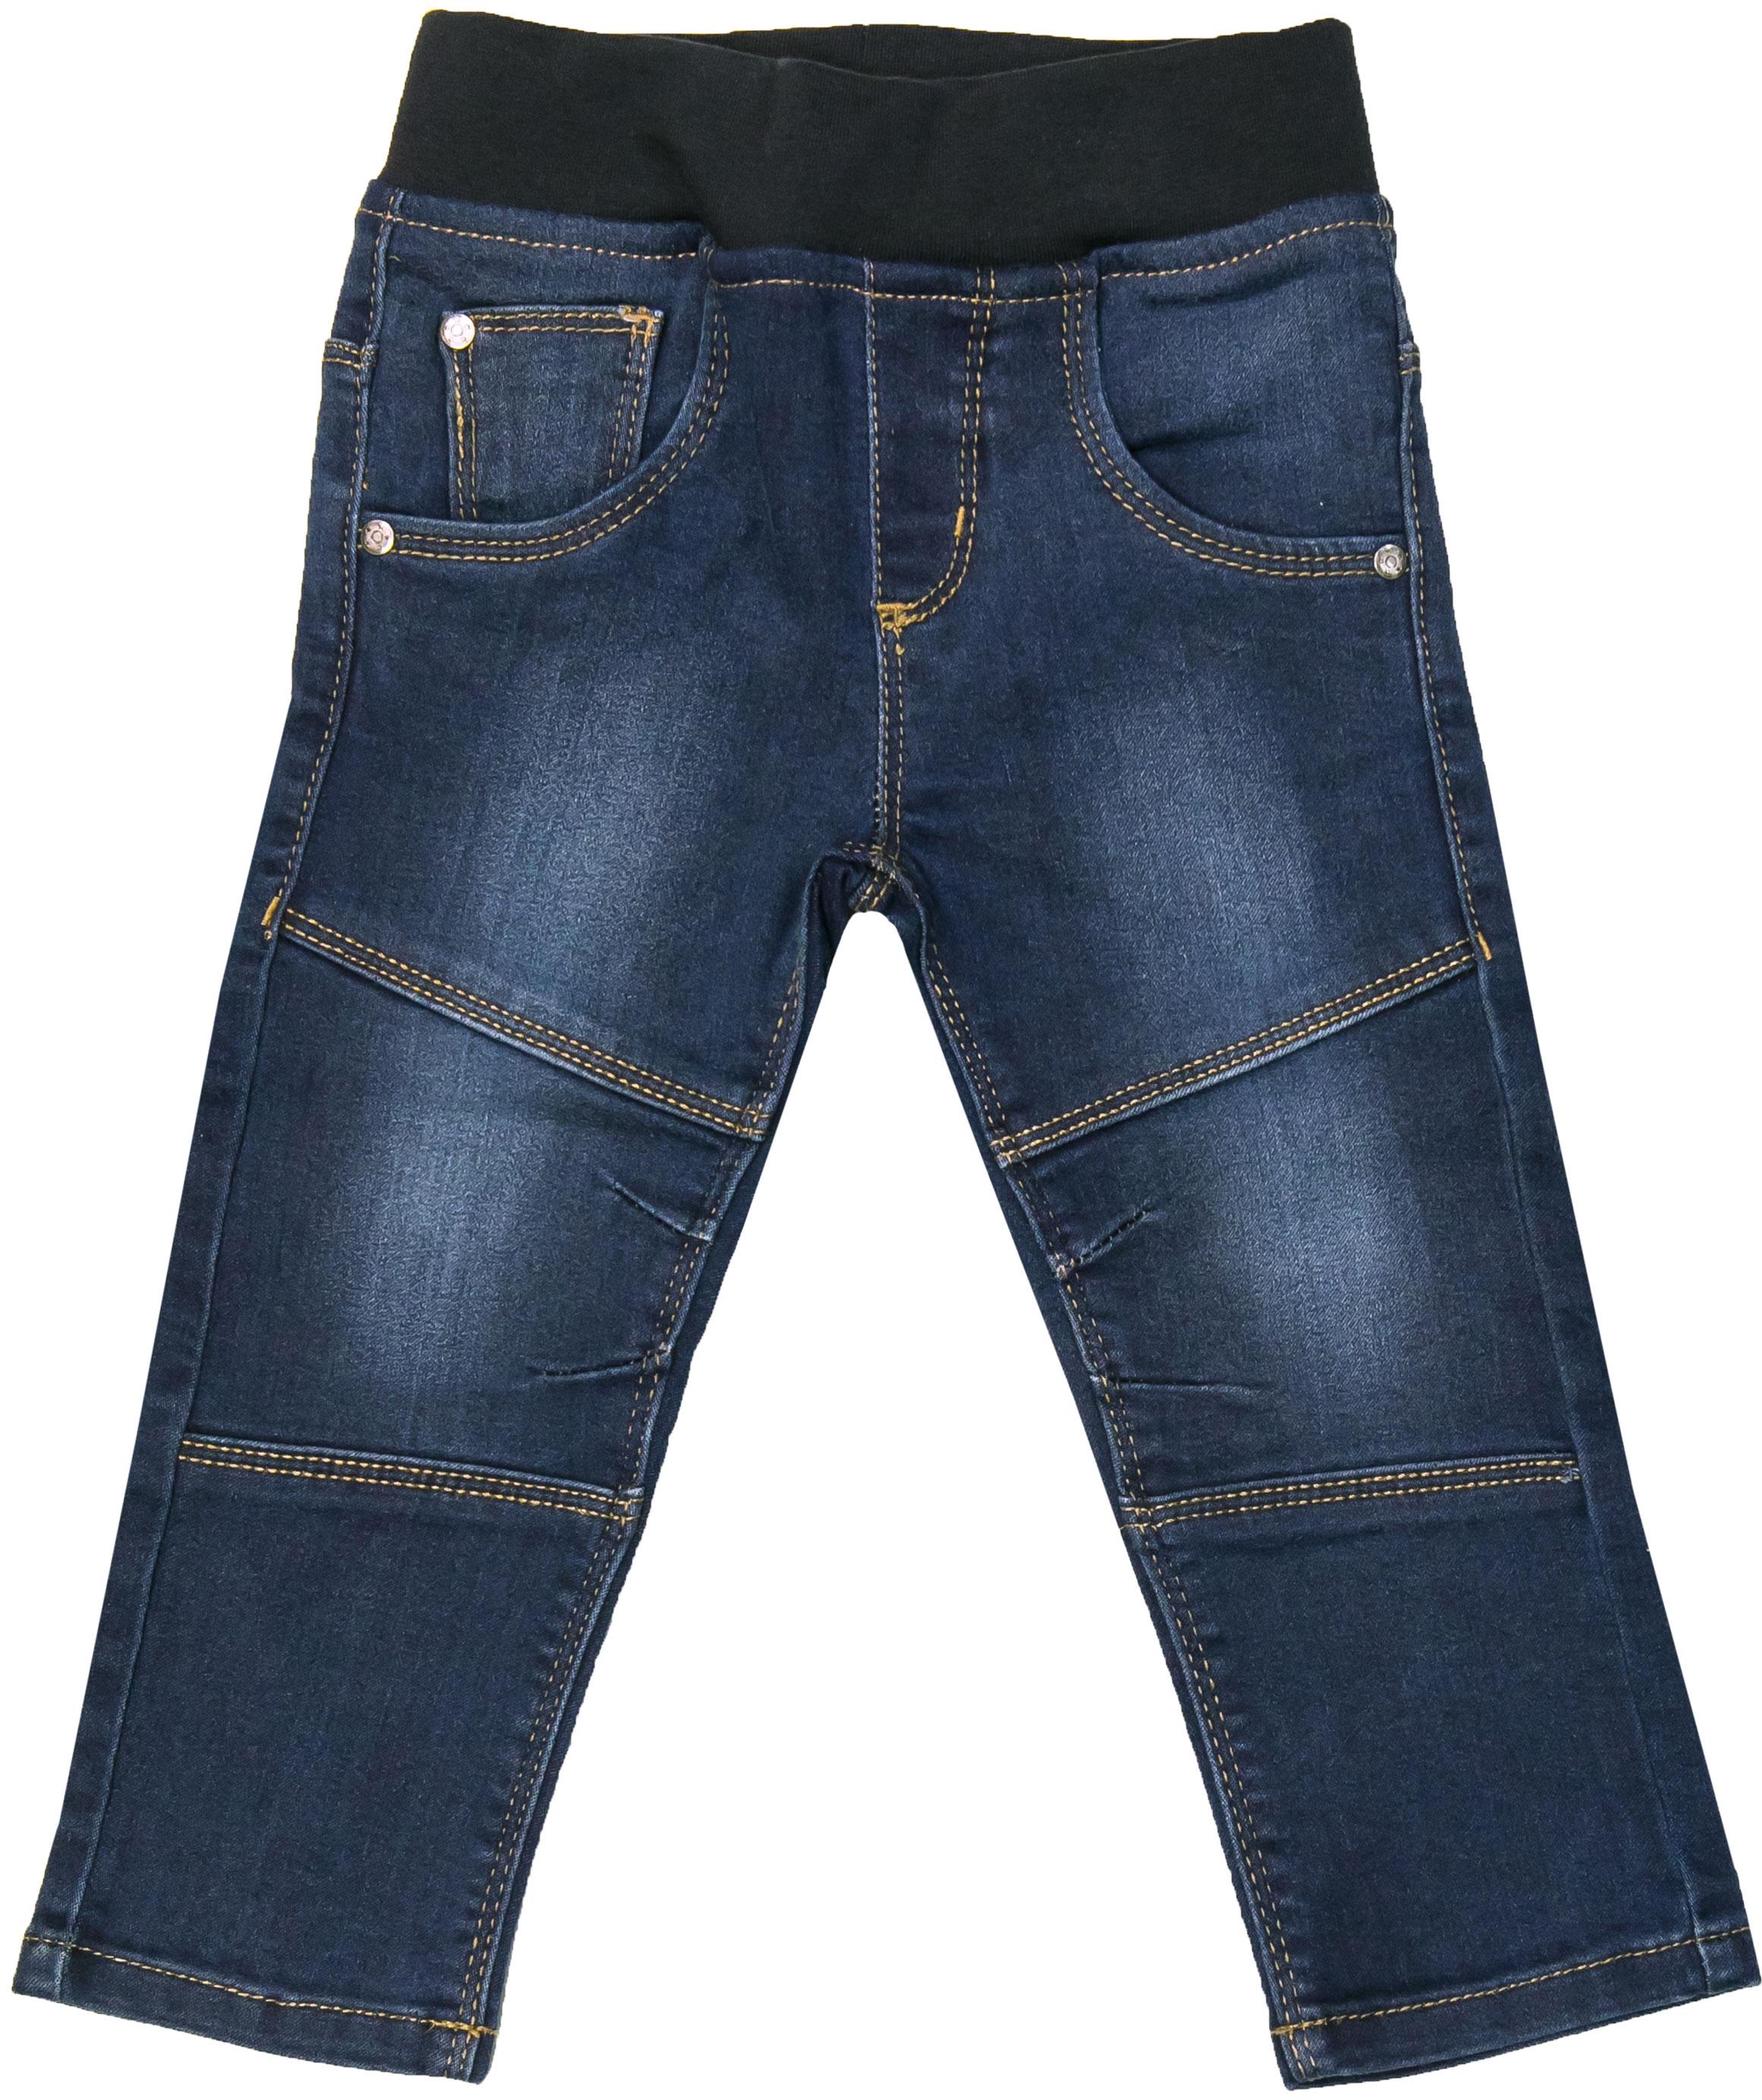 Джинсы Barkito Джинсы Автомонстр синие billionaire синие потертые джинсы